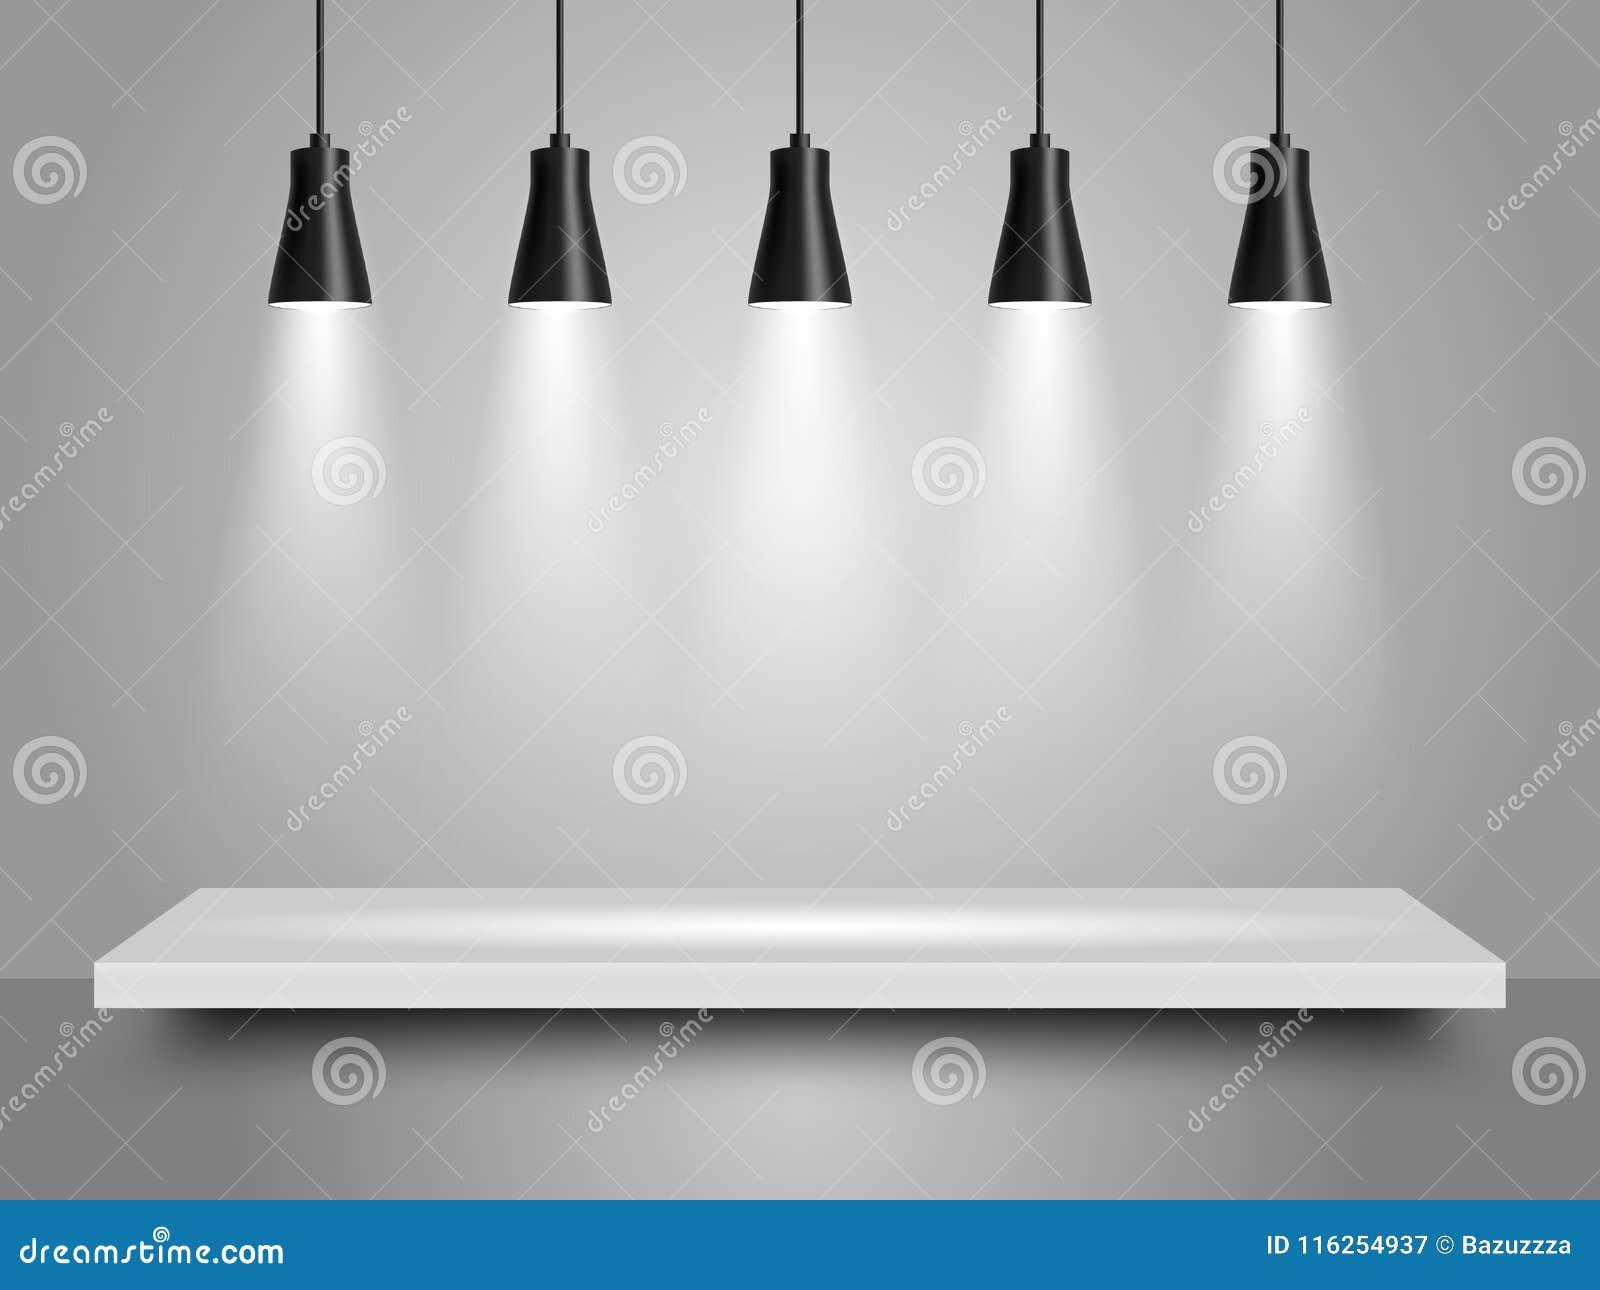 Spotlights vector realistic illustration stock vector